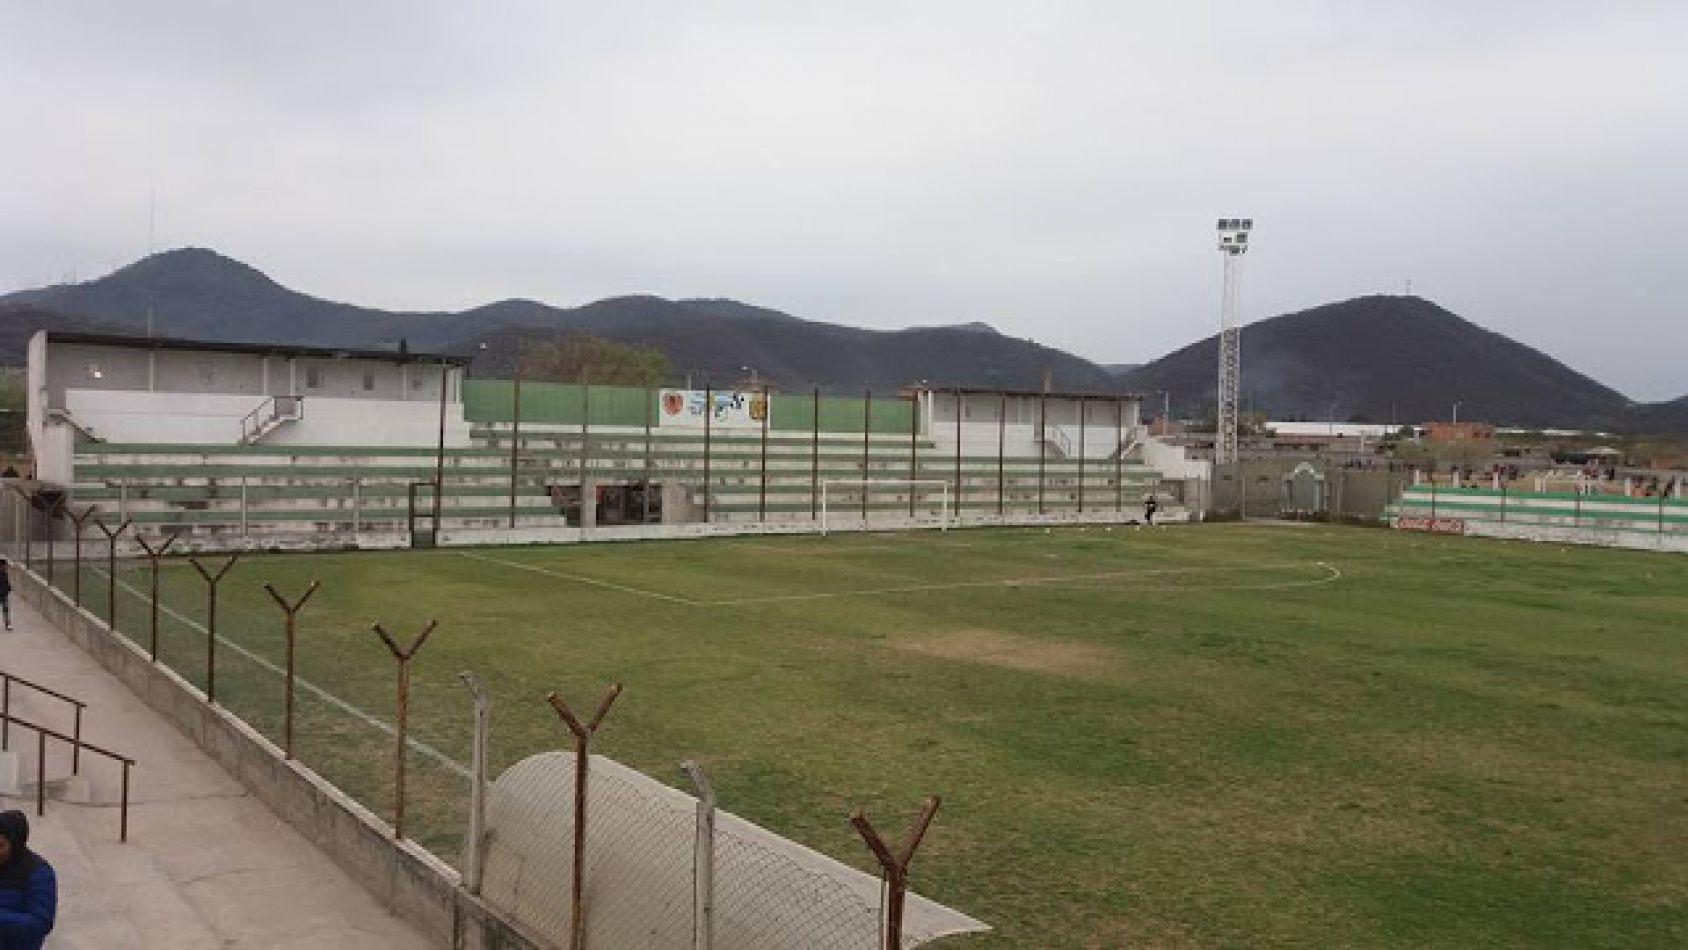 La Liga Salteña de Fútbol espera una tragedia para reaccionar? un ...